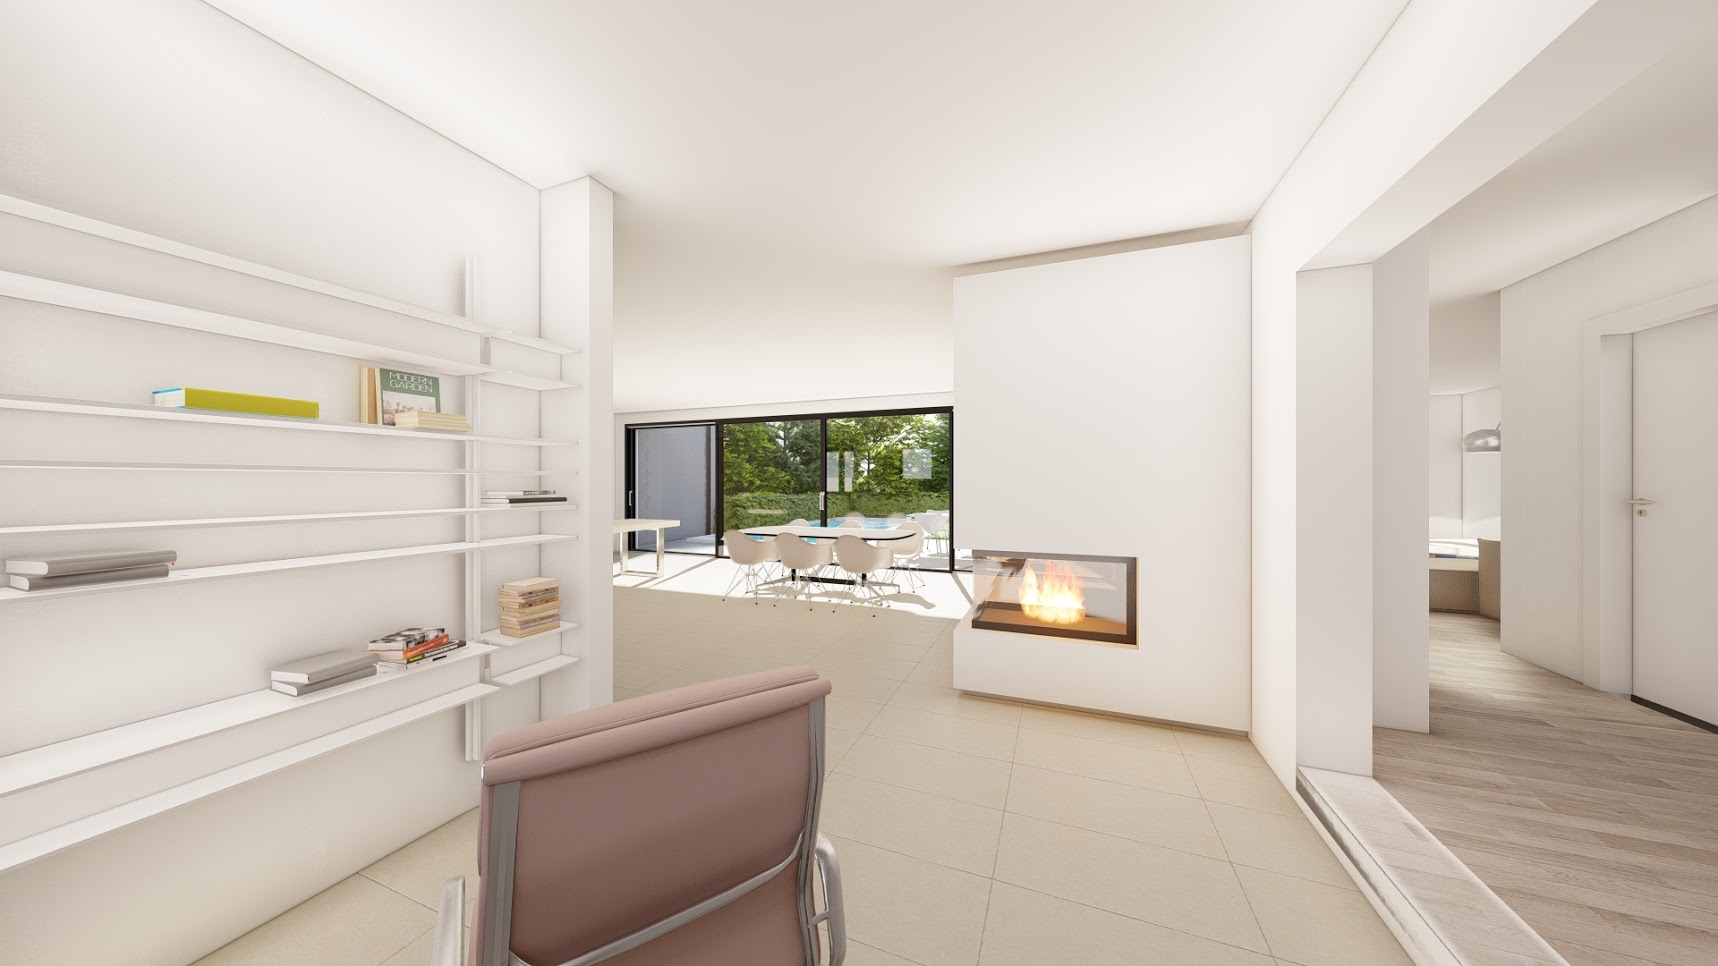 Bauhausvilla, Detmold - Umbau, Sanierung und Poolneubau an einer Villa im Bauhausstil